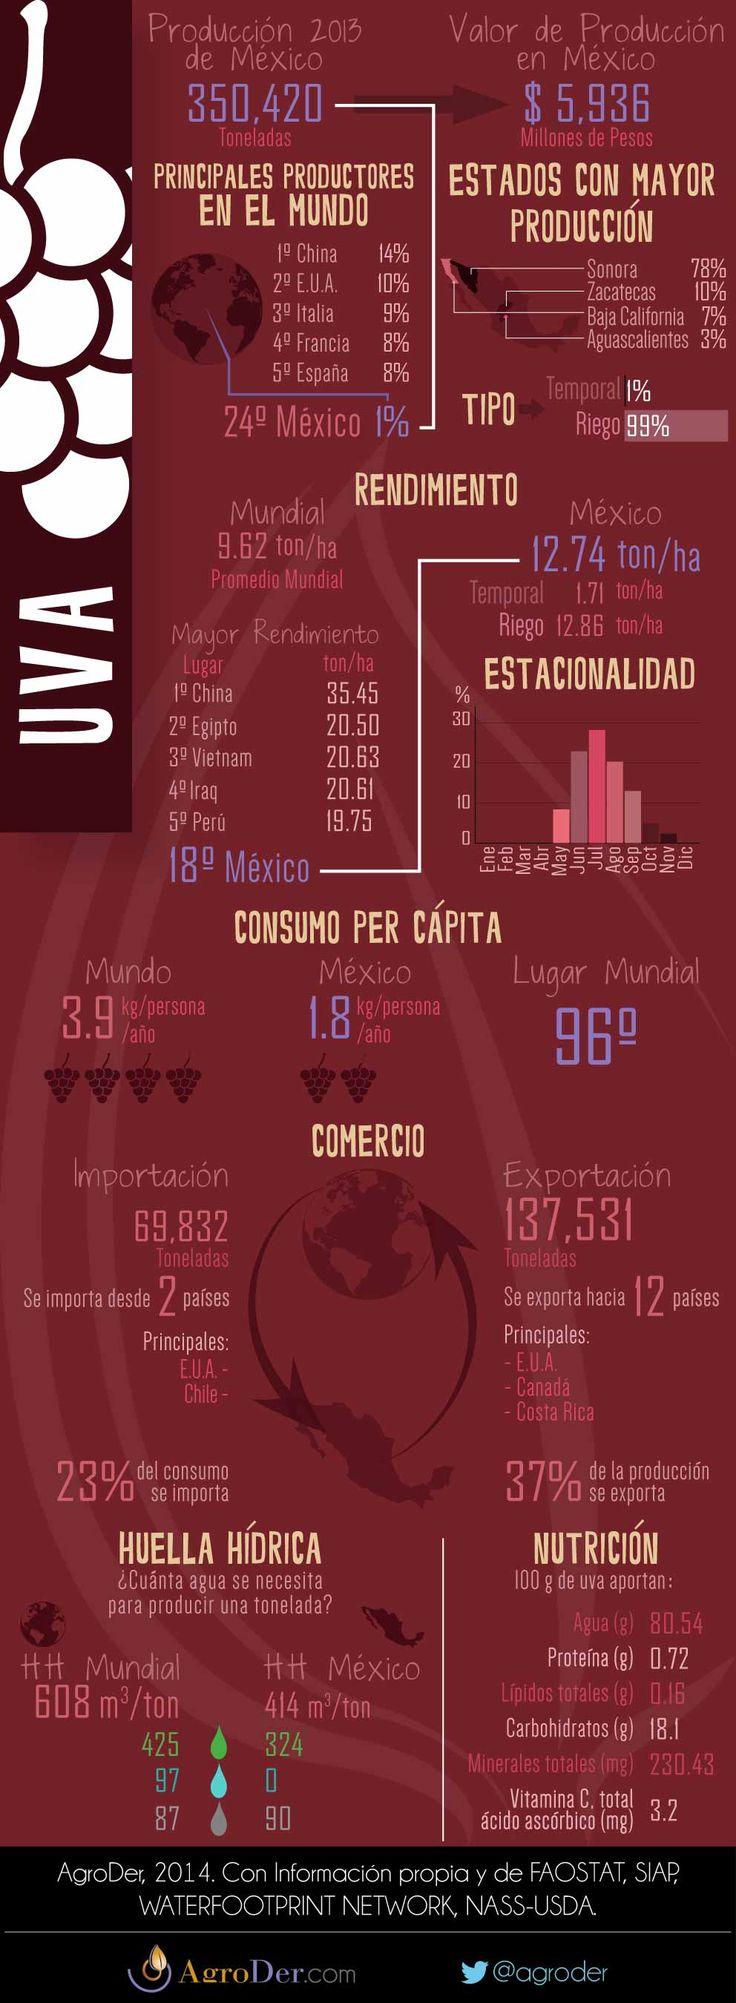 Infografía - Uva en México, 2013.